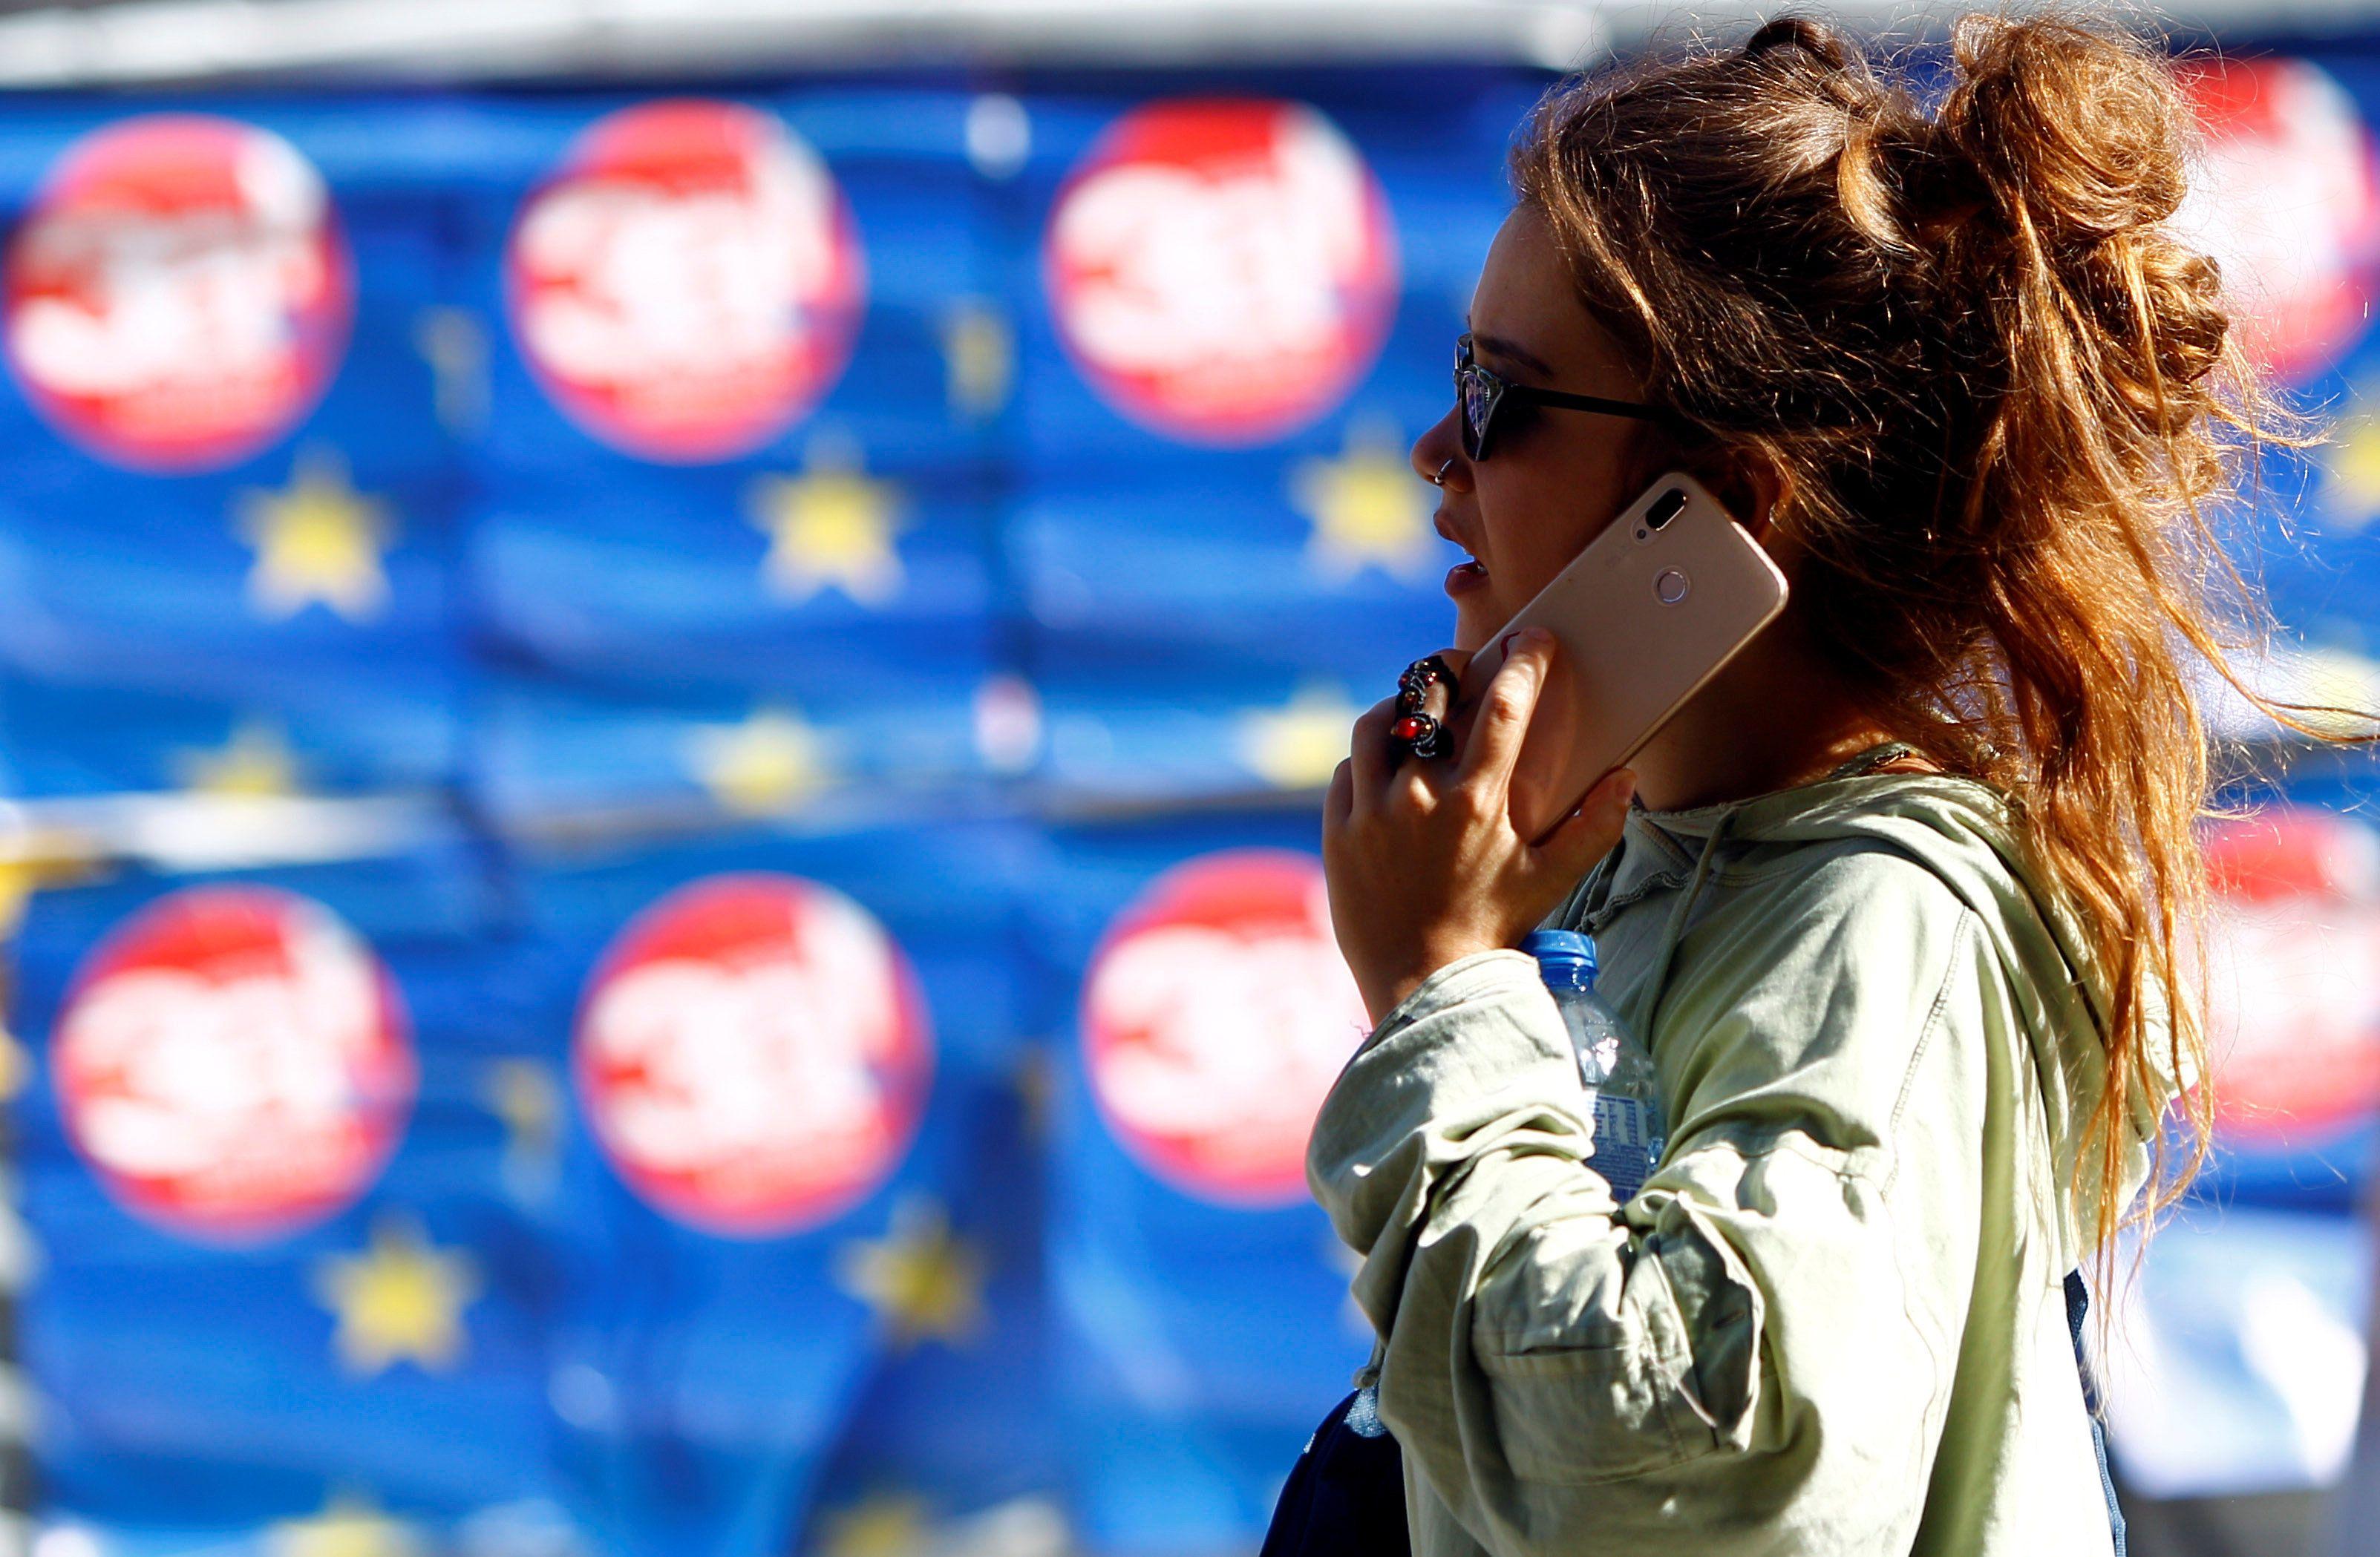 Ο ξένος Τύπος για το δημοψήφισμα στην πΓΔΜ: Πολιτική κρίση, ξένη επιρροή και αντιφάσεις